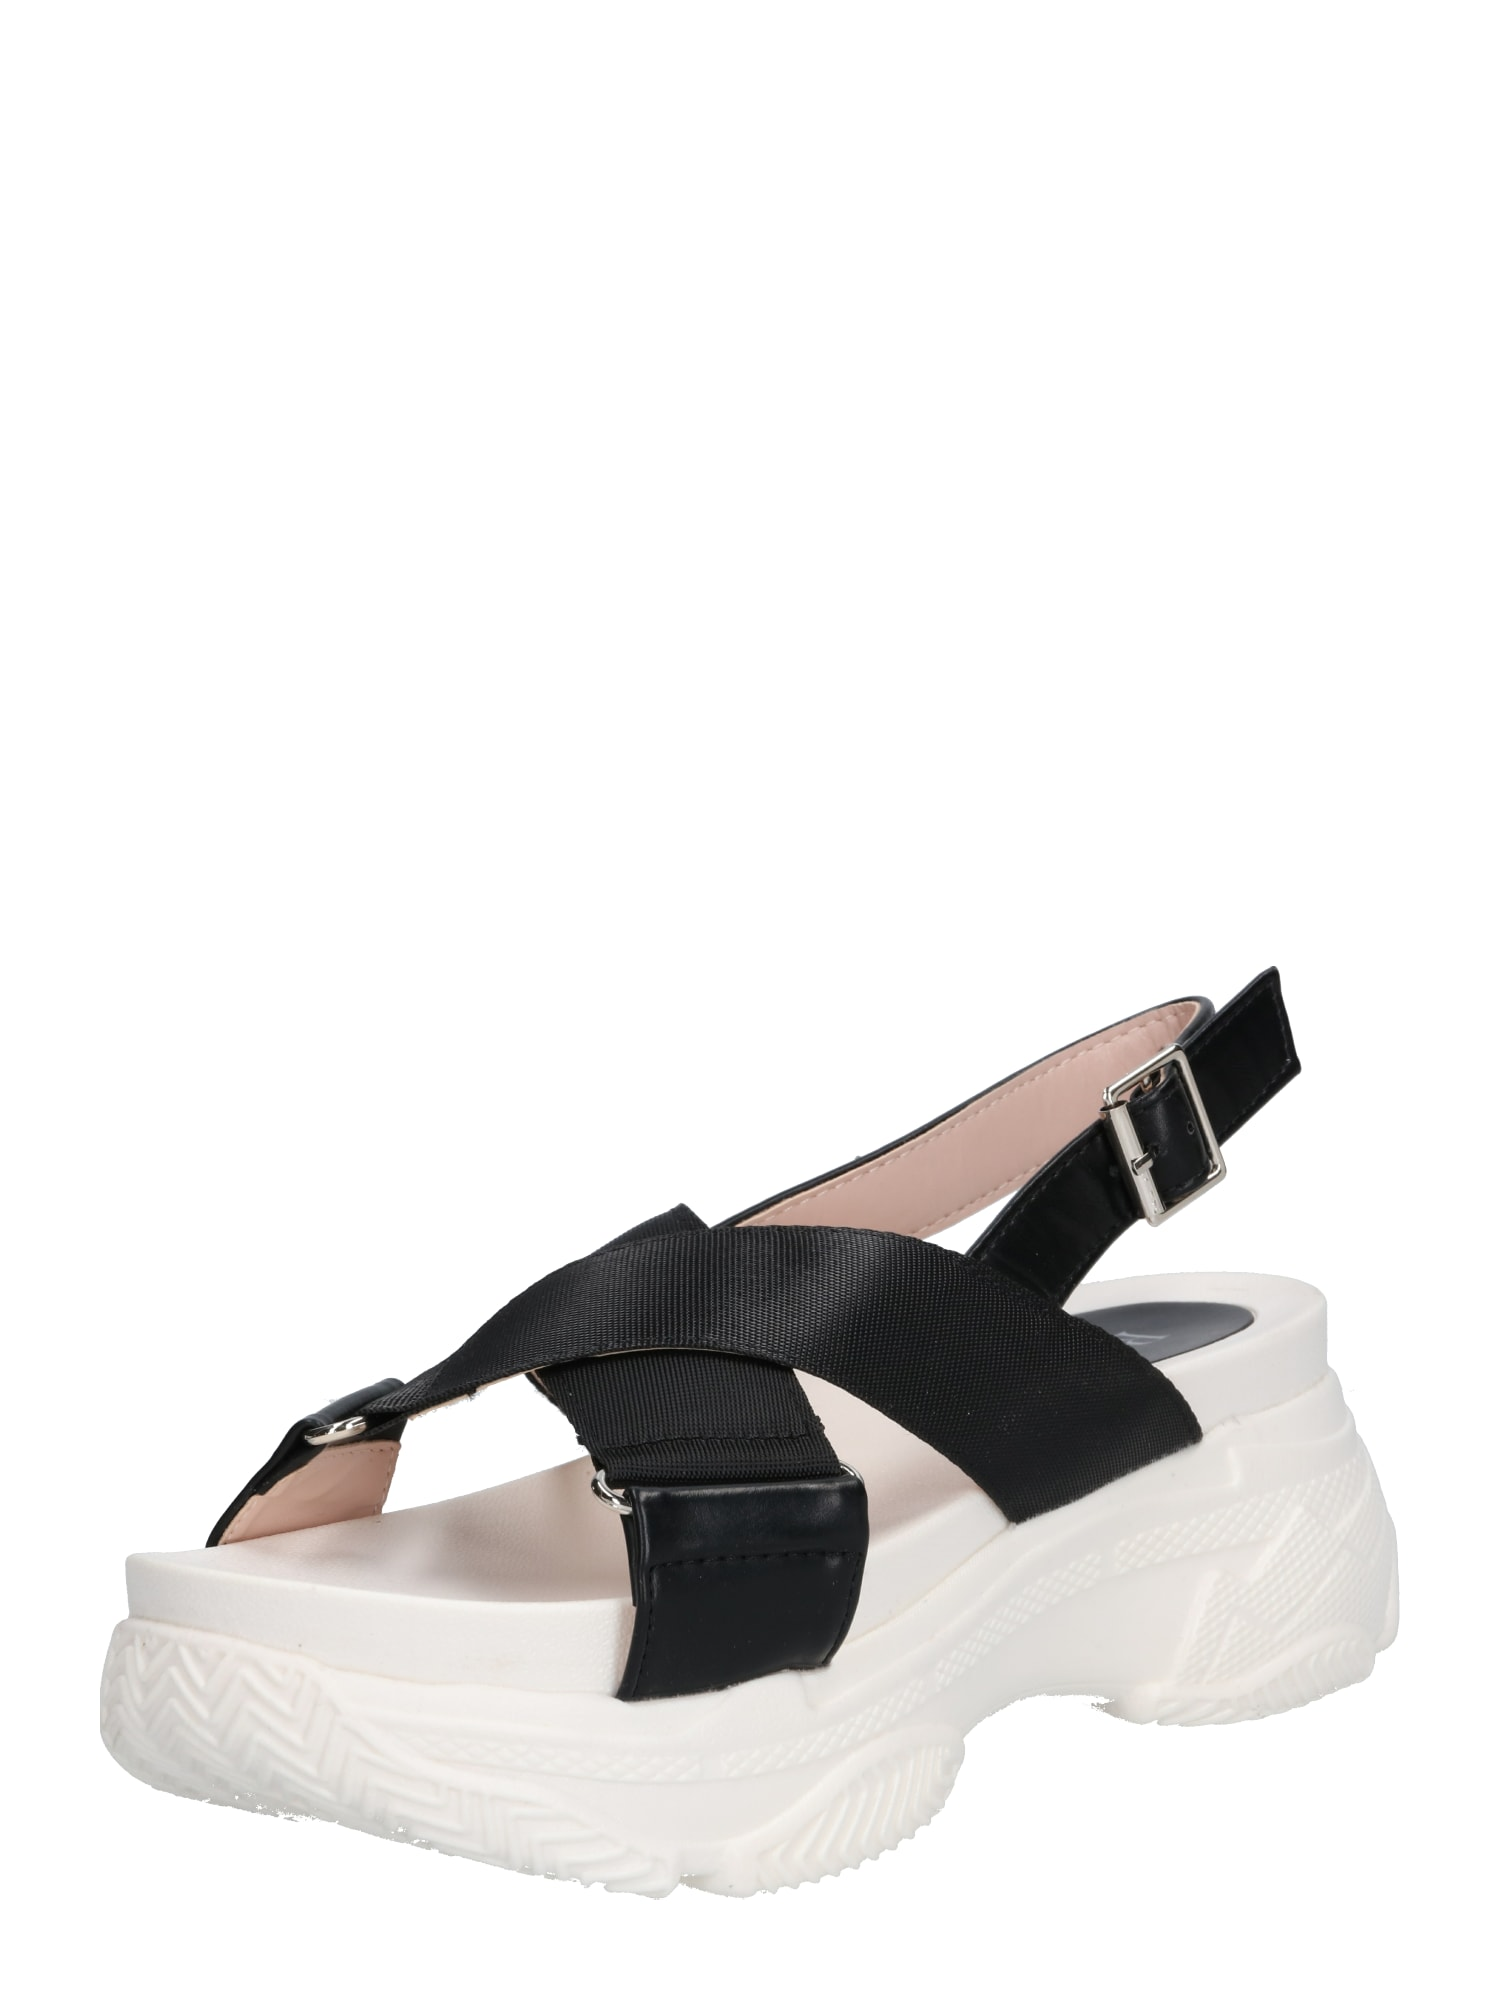 Páskové sandály JANIYA černá bílá Raid